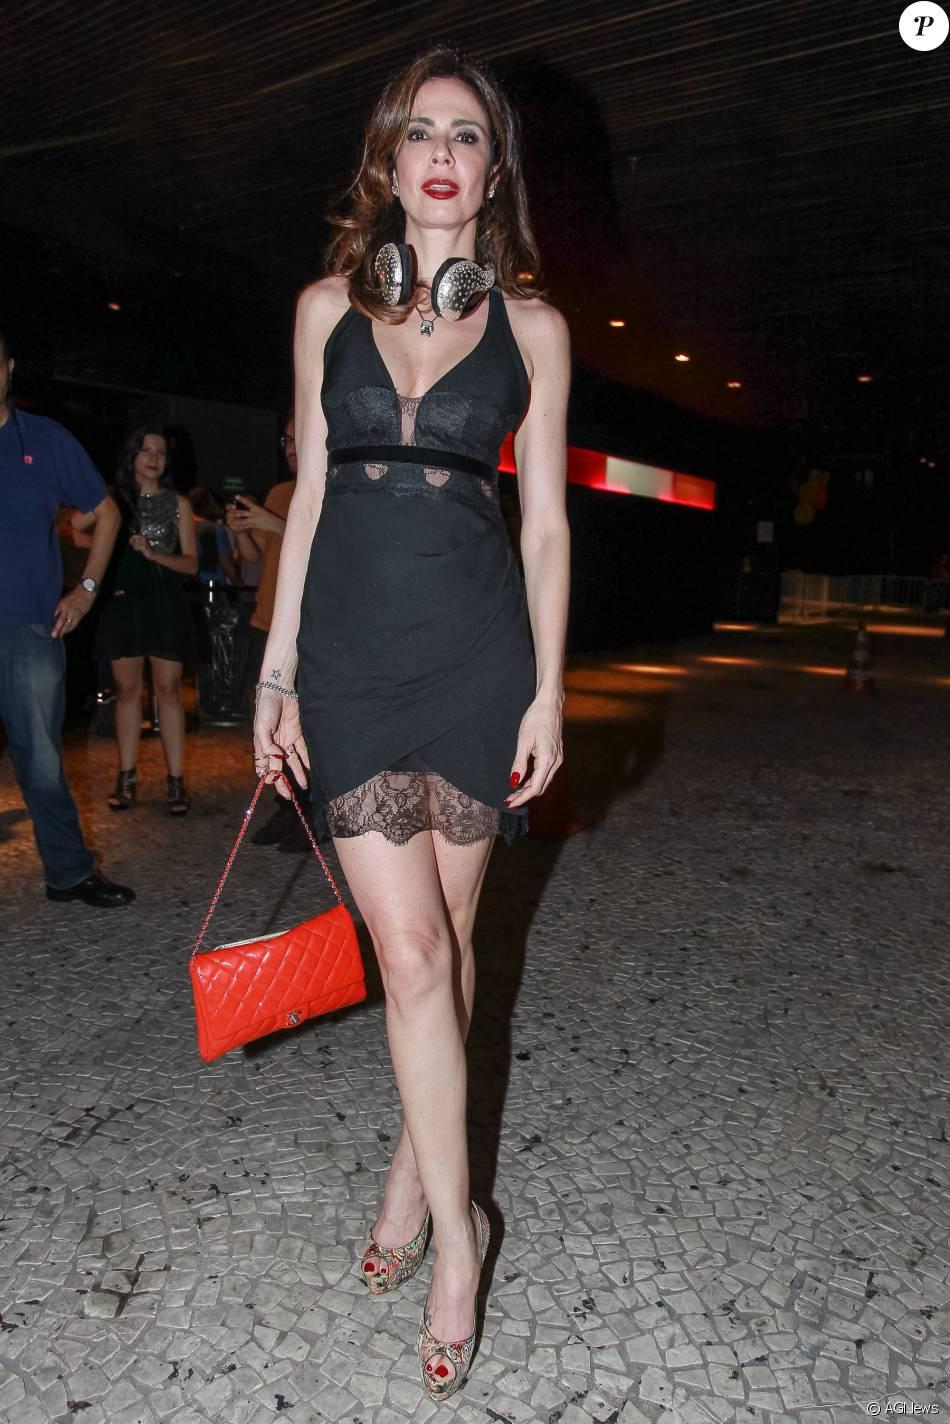 8aeb0deae Luciana Gimenez usou um vestido curto e decotado na festa Gambiarra ...